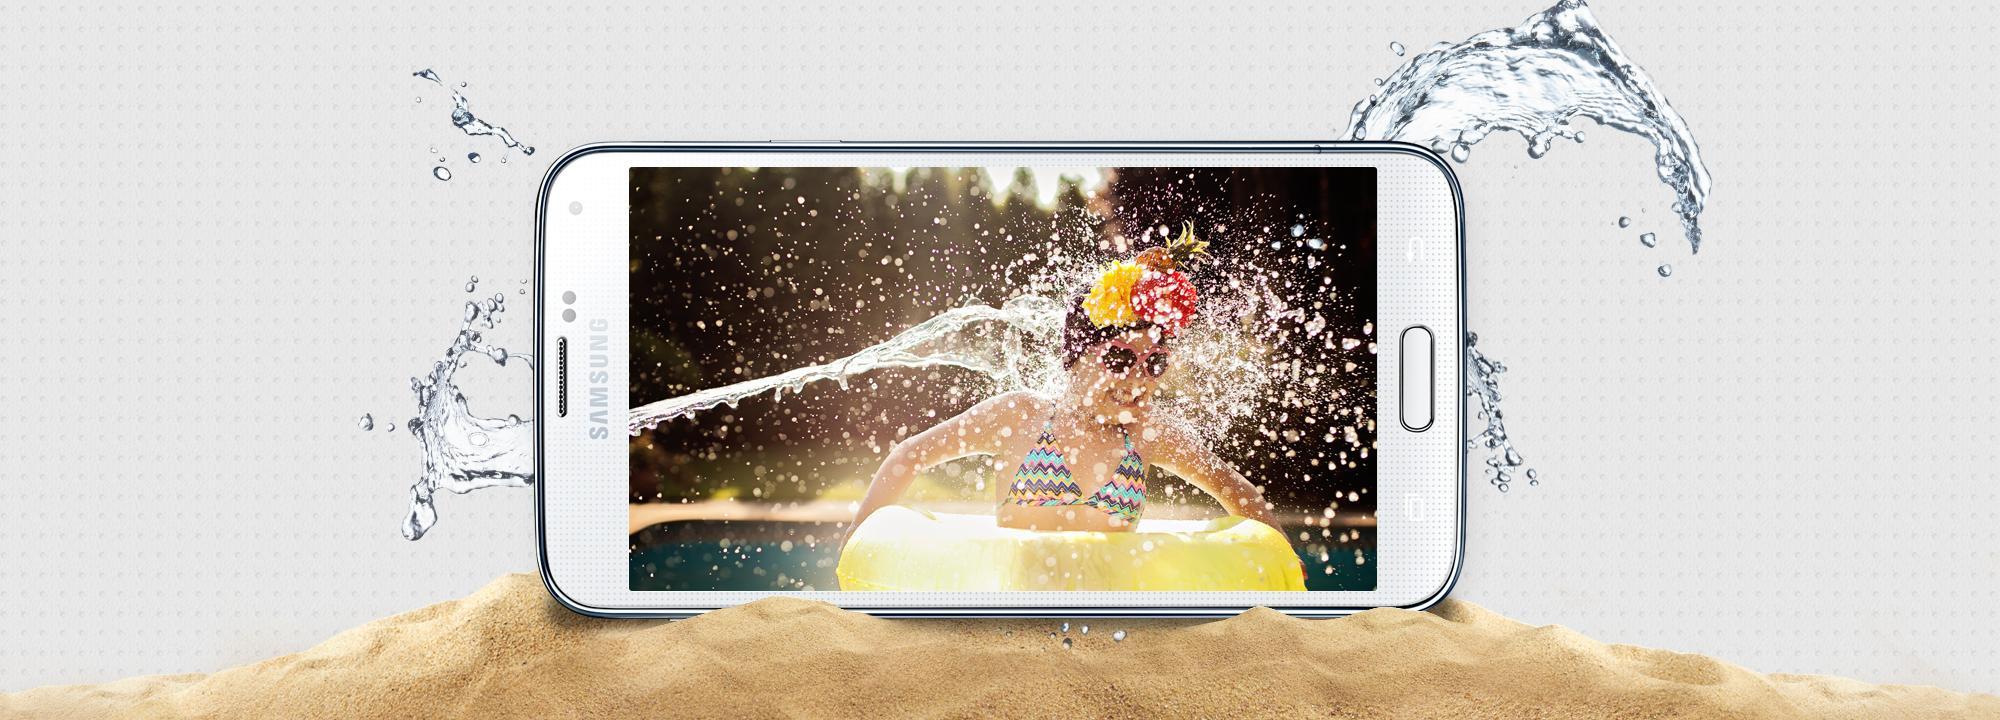 Galaxy S5 будет влаго- и пылезащищенный (слухи)